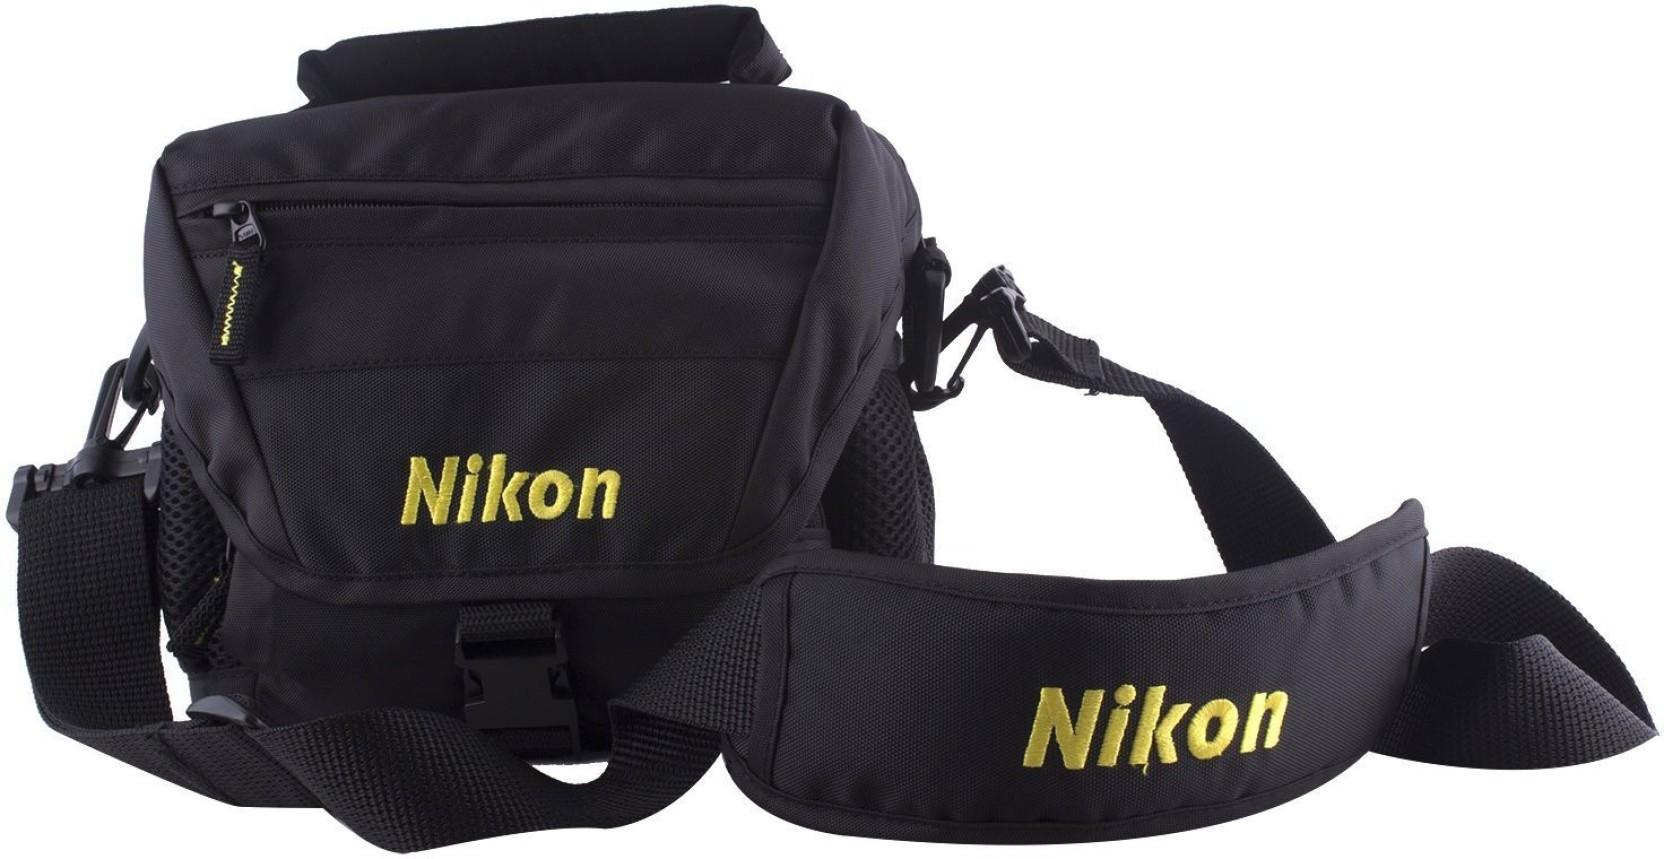 Nikon Dslr Shoulder Camera Bag On Offer